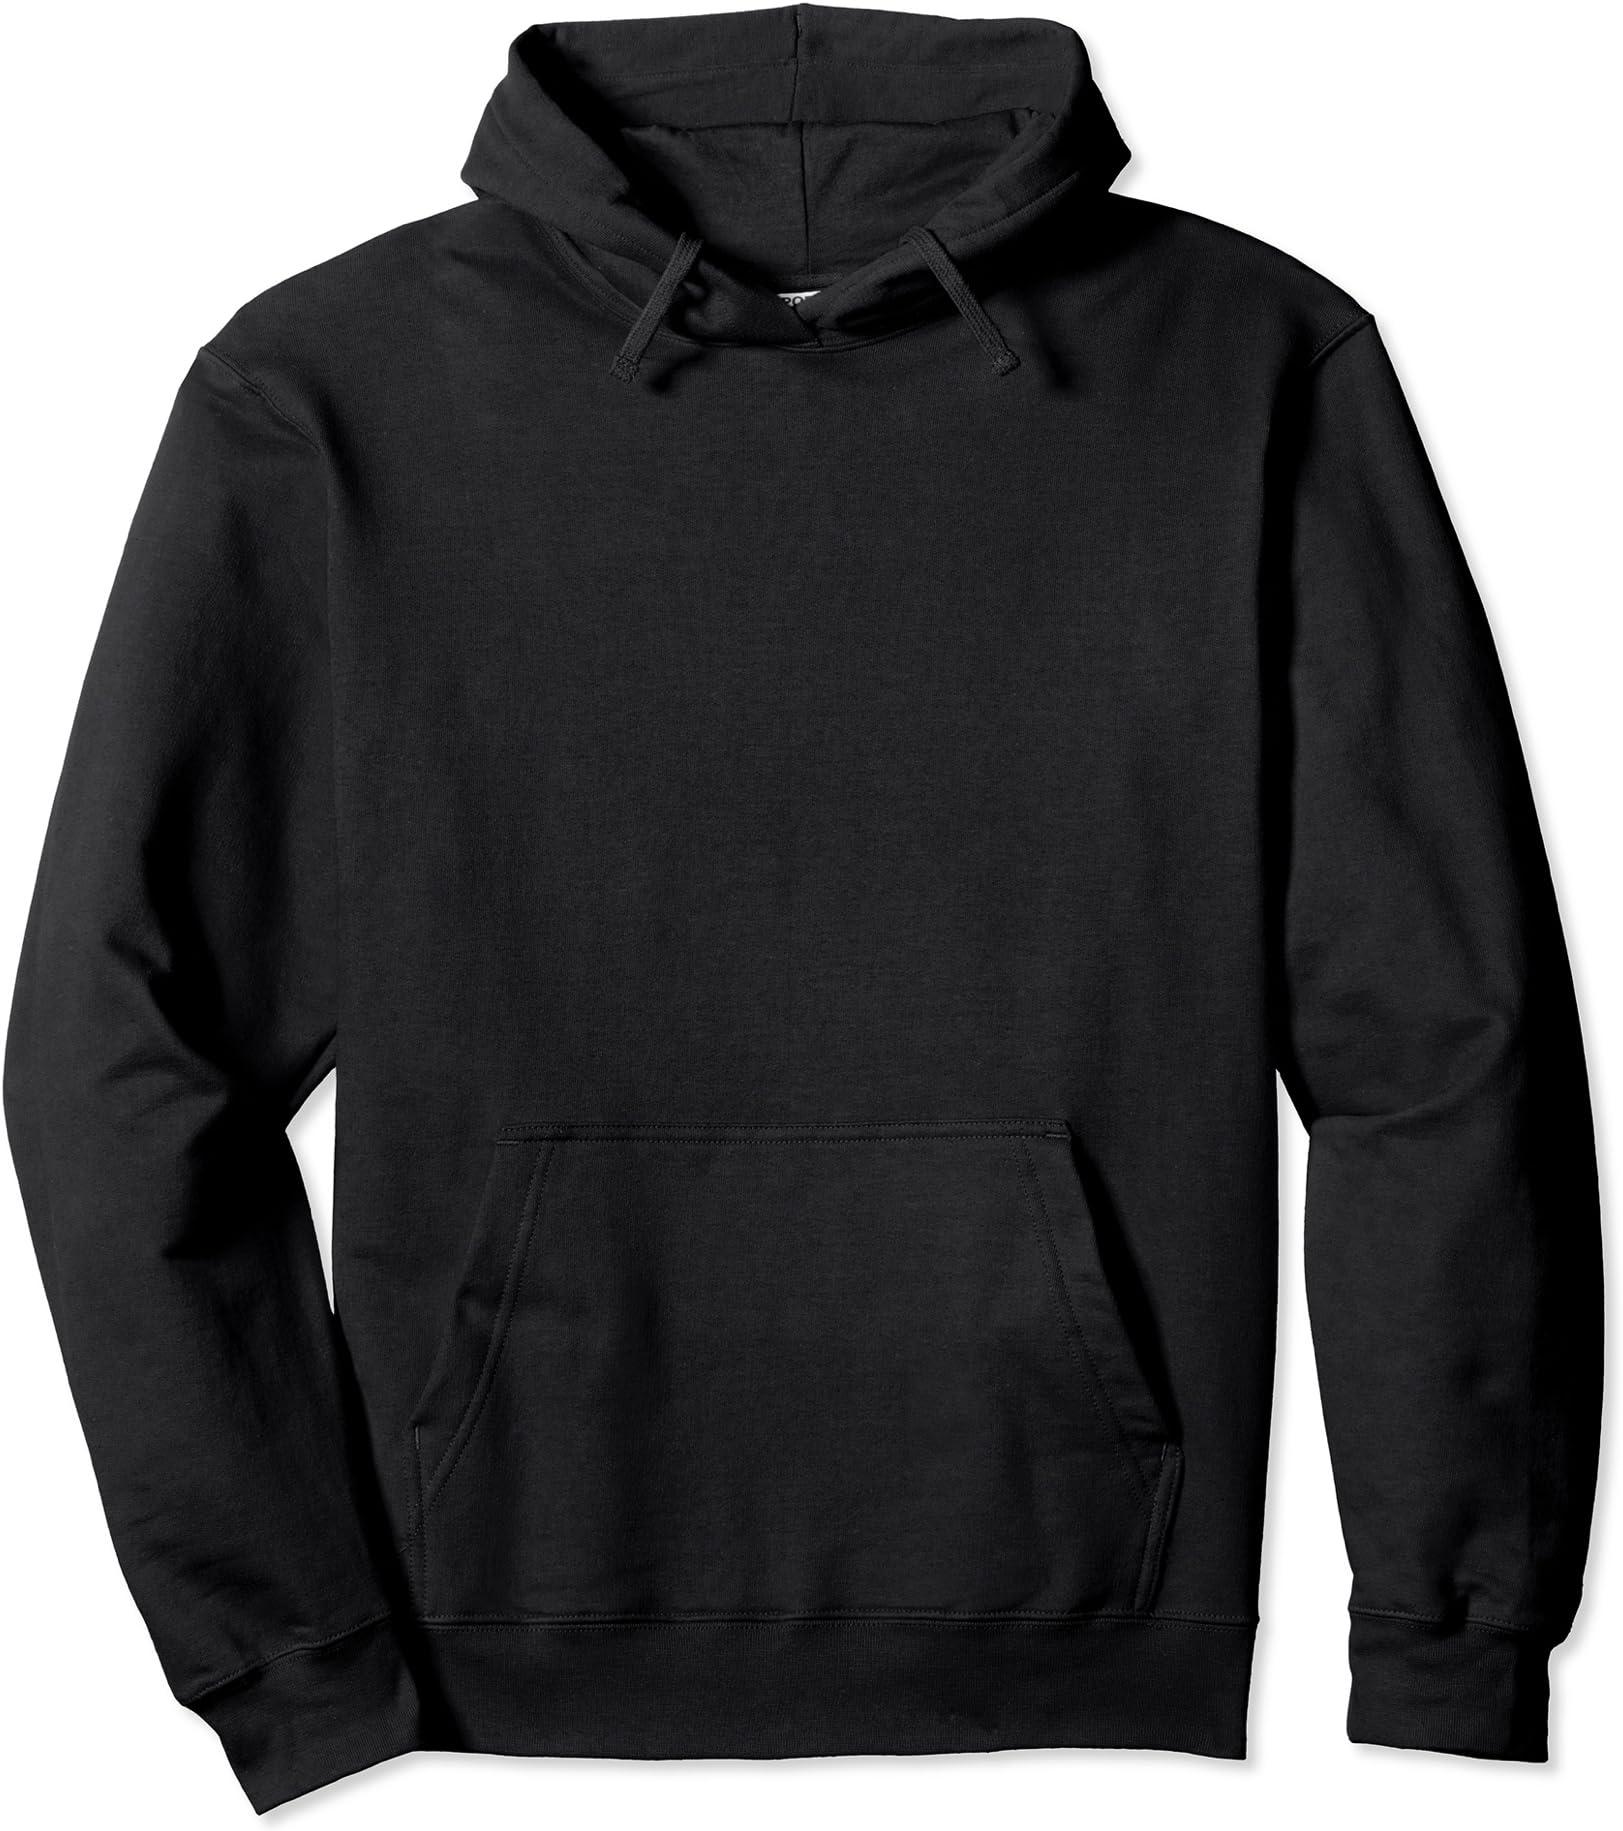 Summer Sun Vintage Adult Hooded Sweatshirt